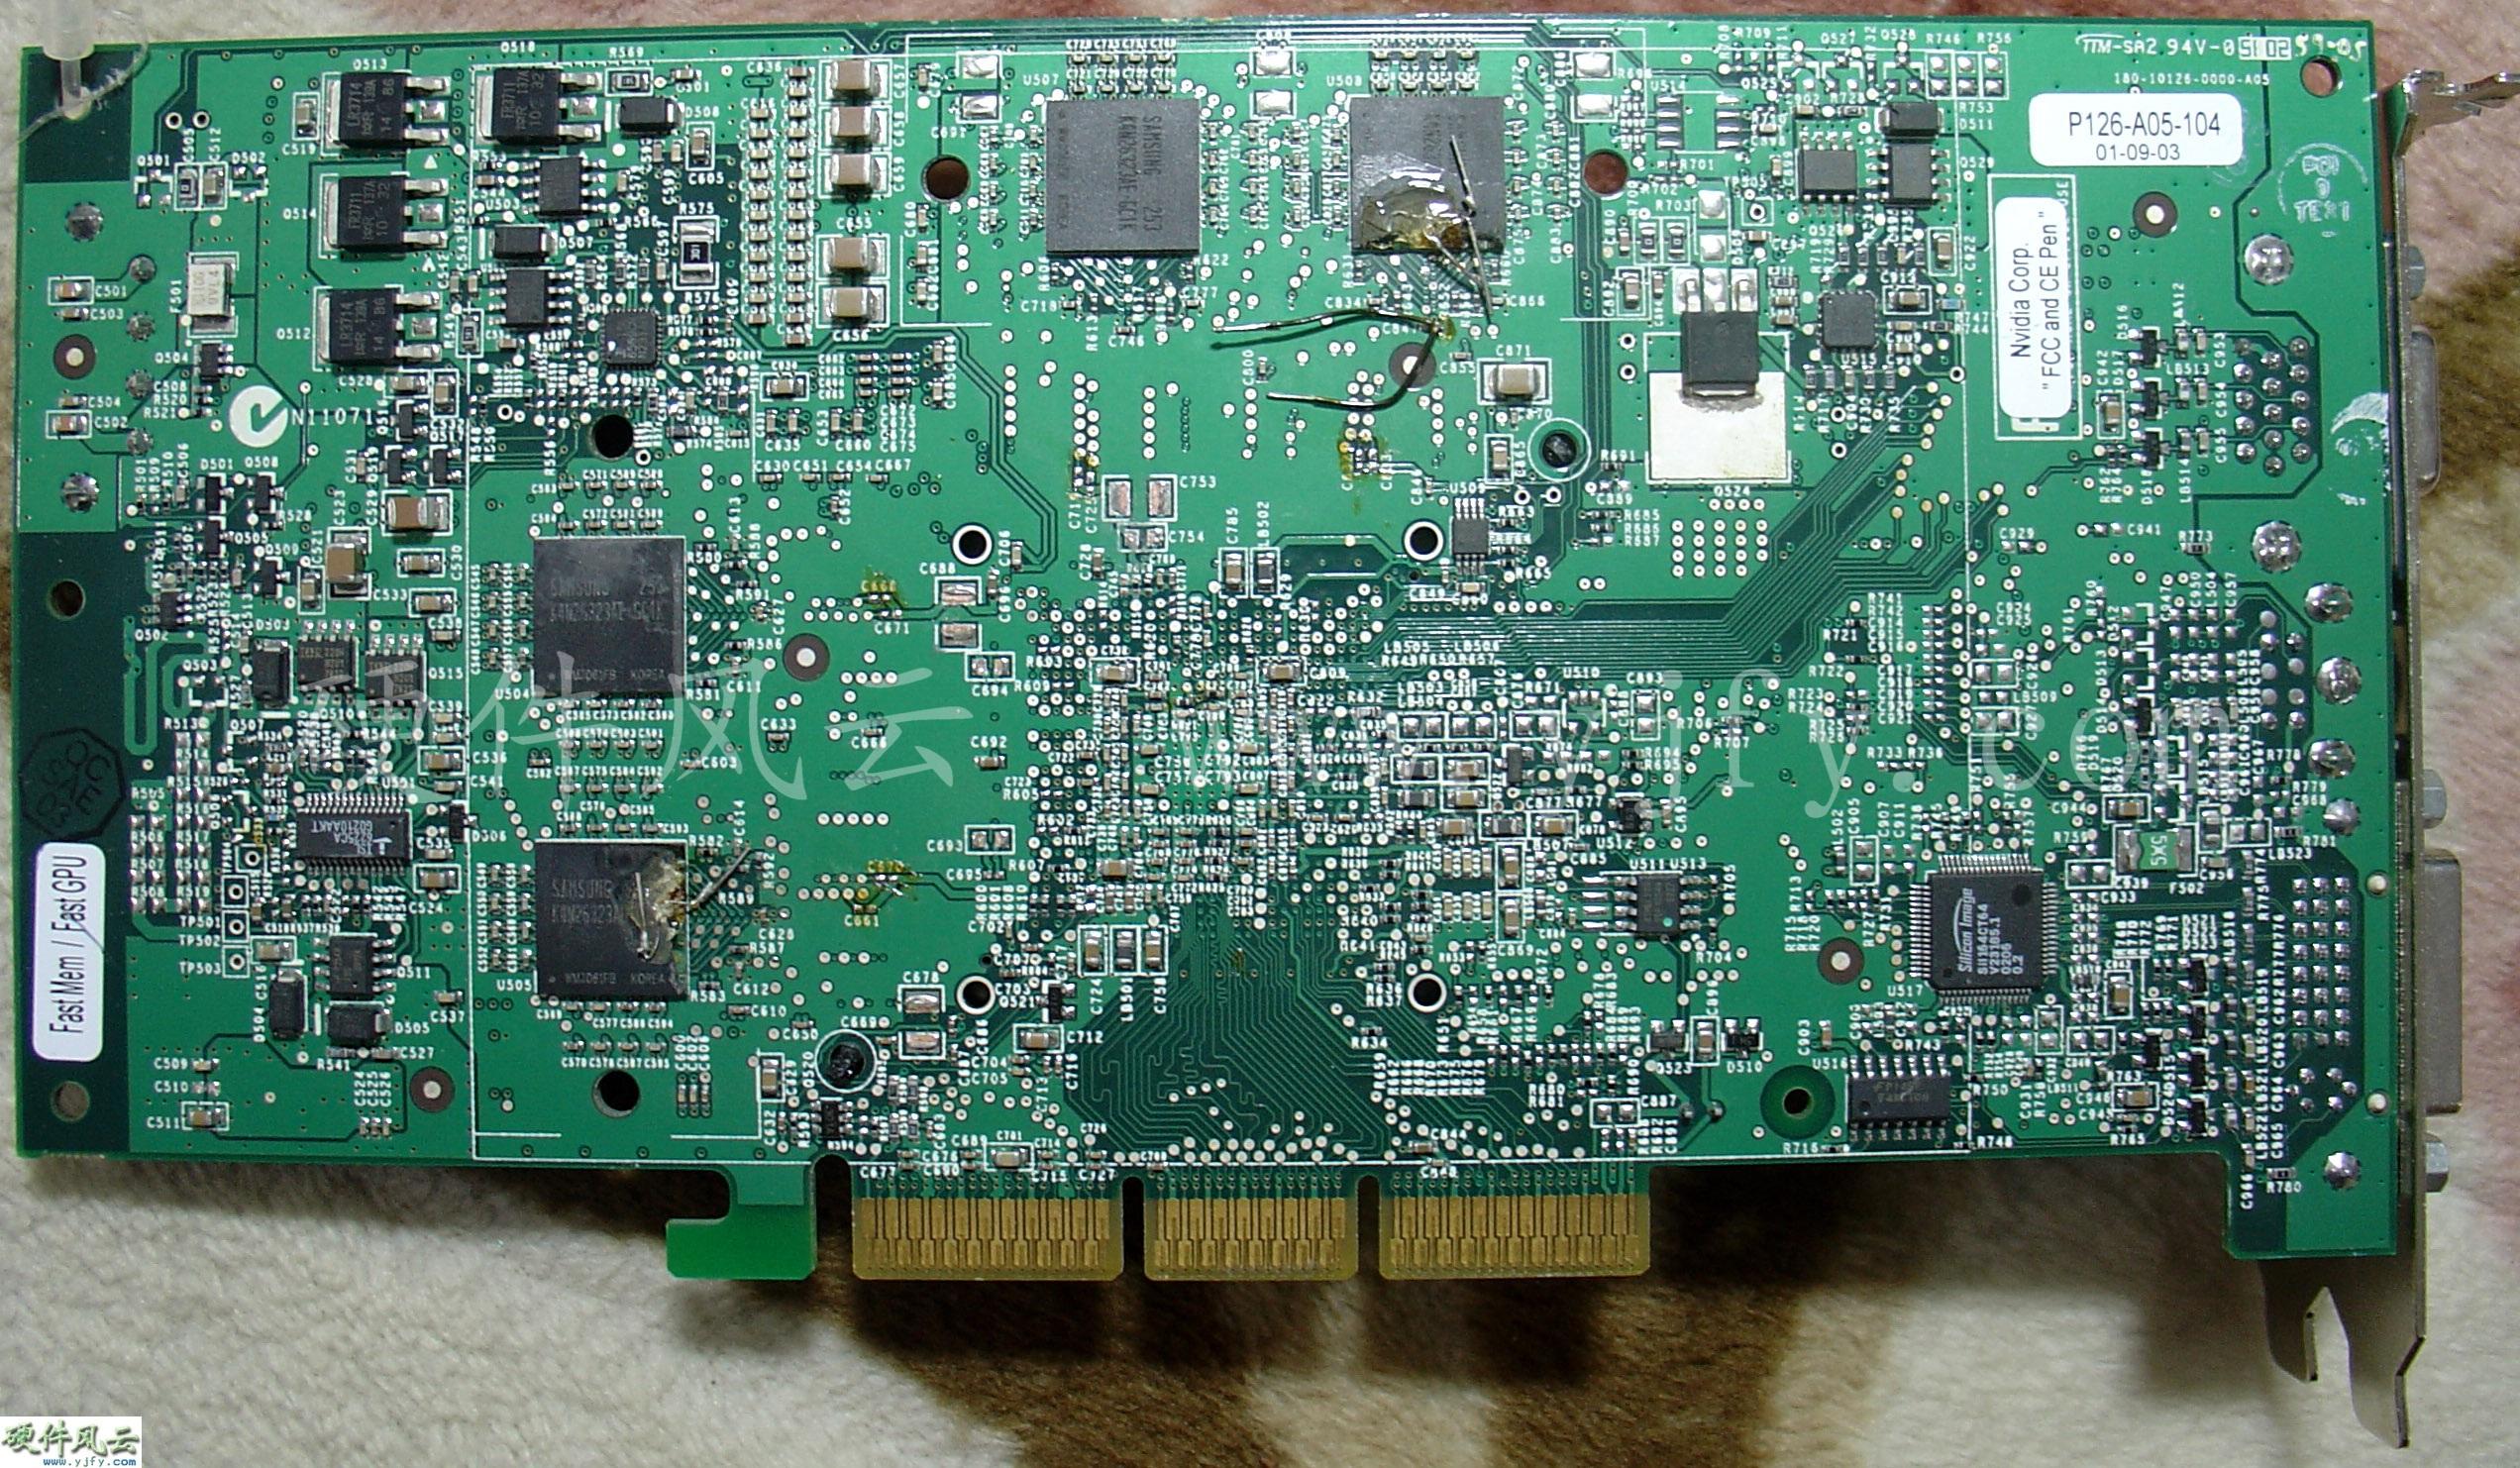 P126-A05_2.jpg